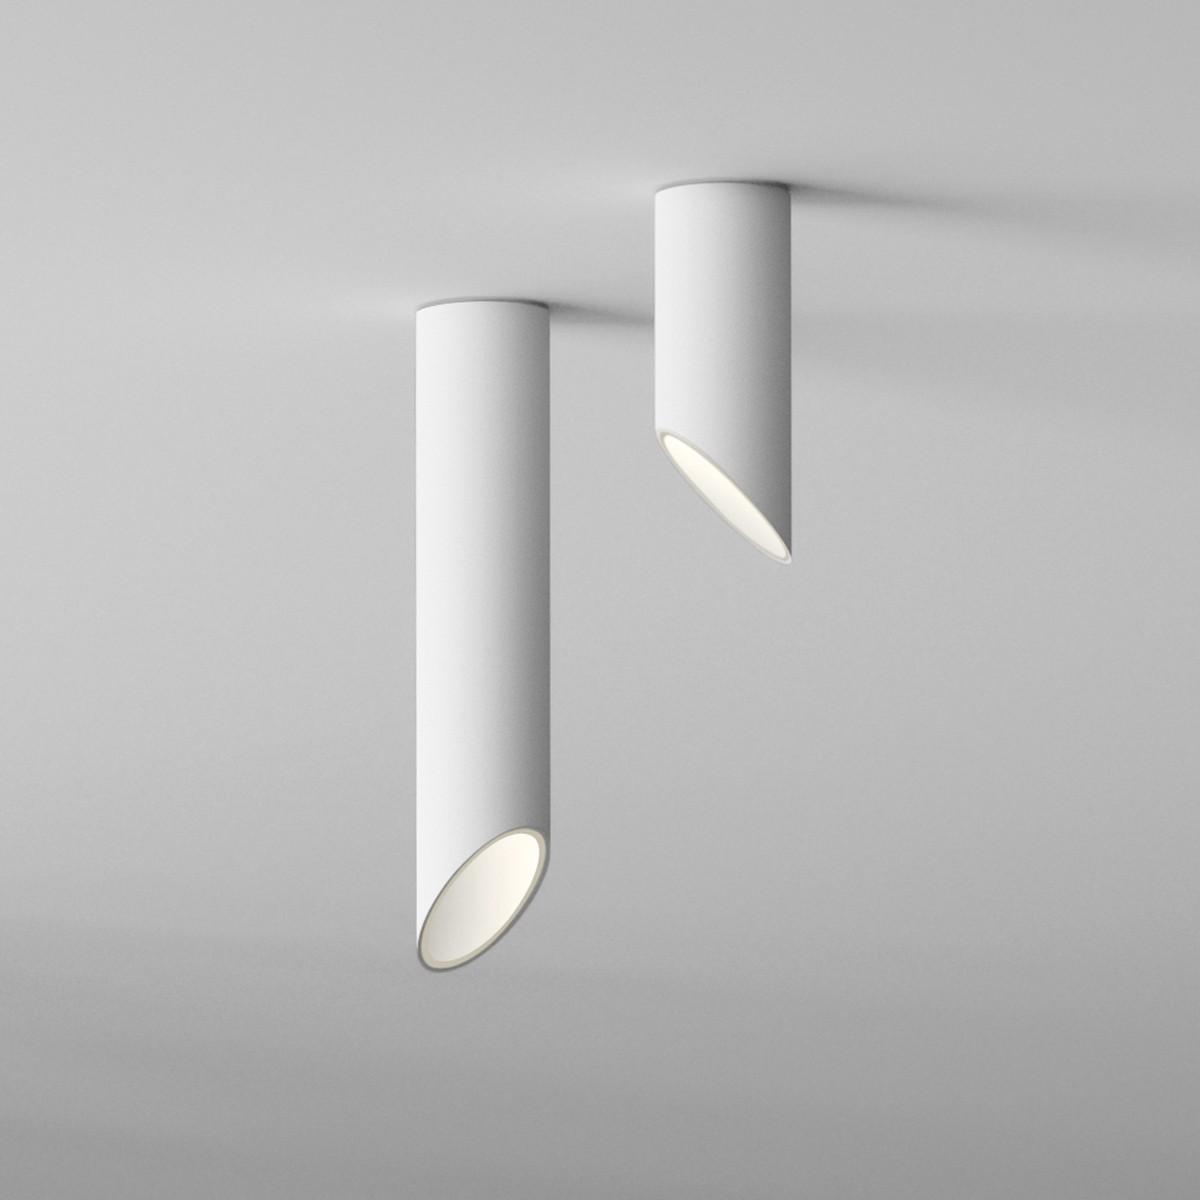 Vibia 45° Deckenleuchte, weiß matt, Höhe: 25 cm